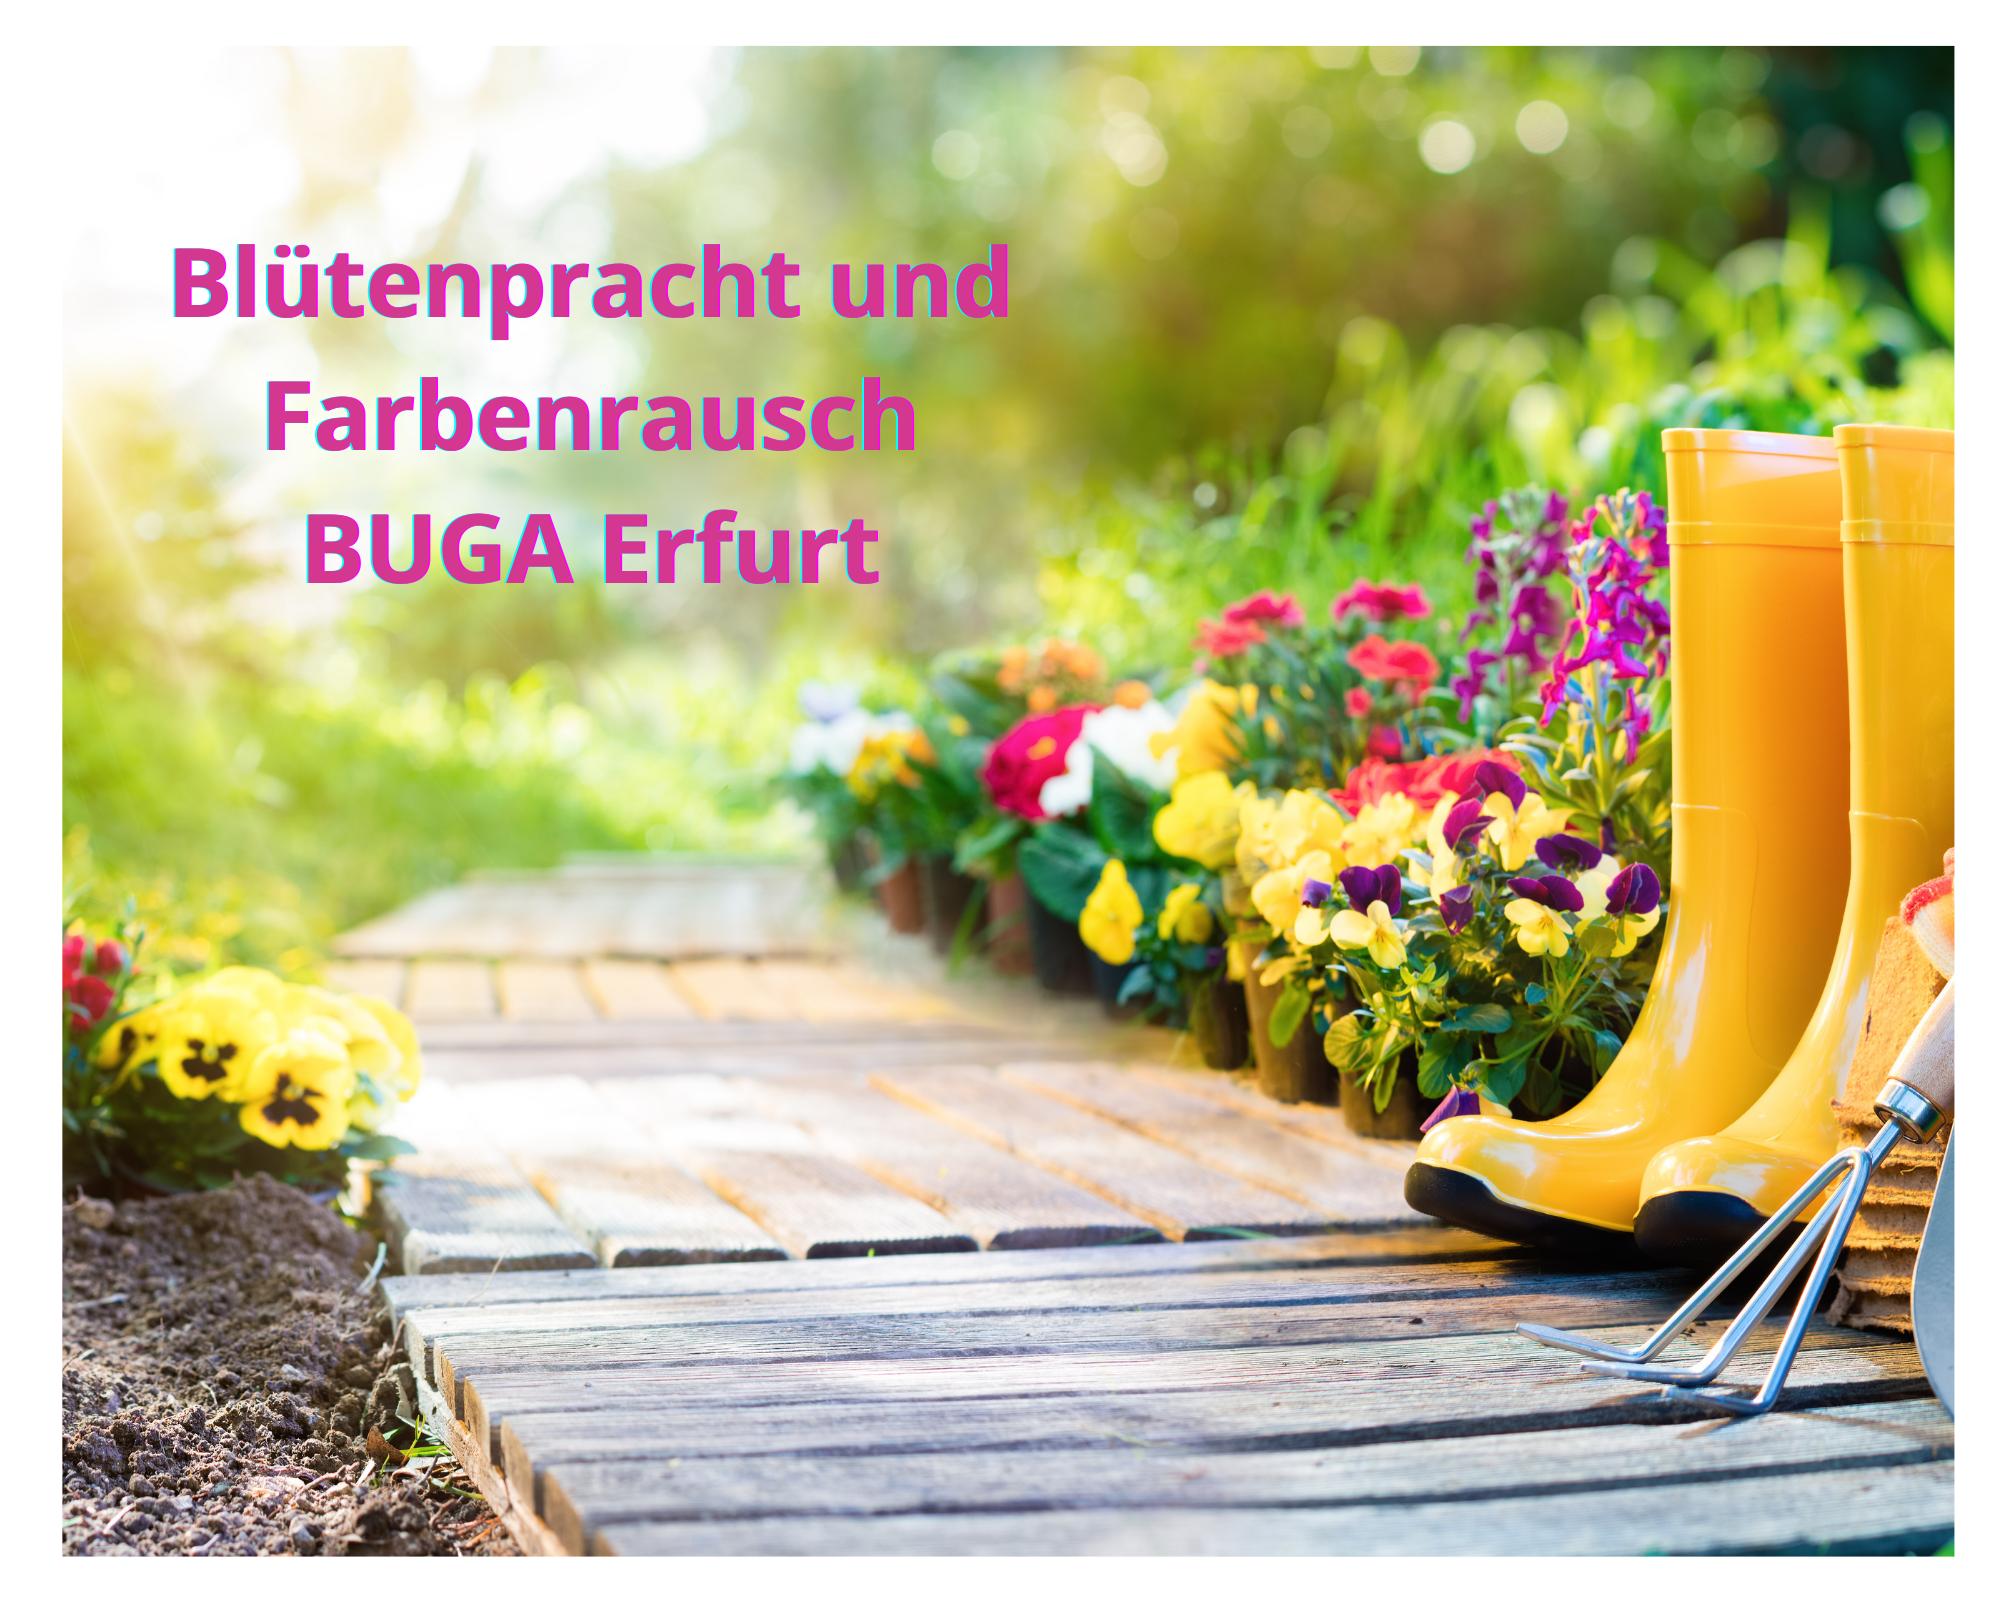 """Bundesgartenschau 2021 """"Blütenpracht und Farbenrausch in Erfurt"""" am 06.09.2021"""